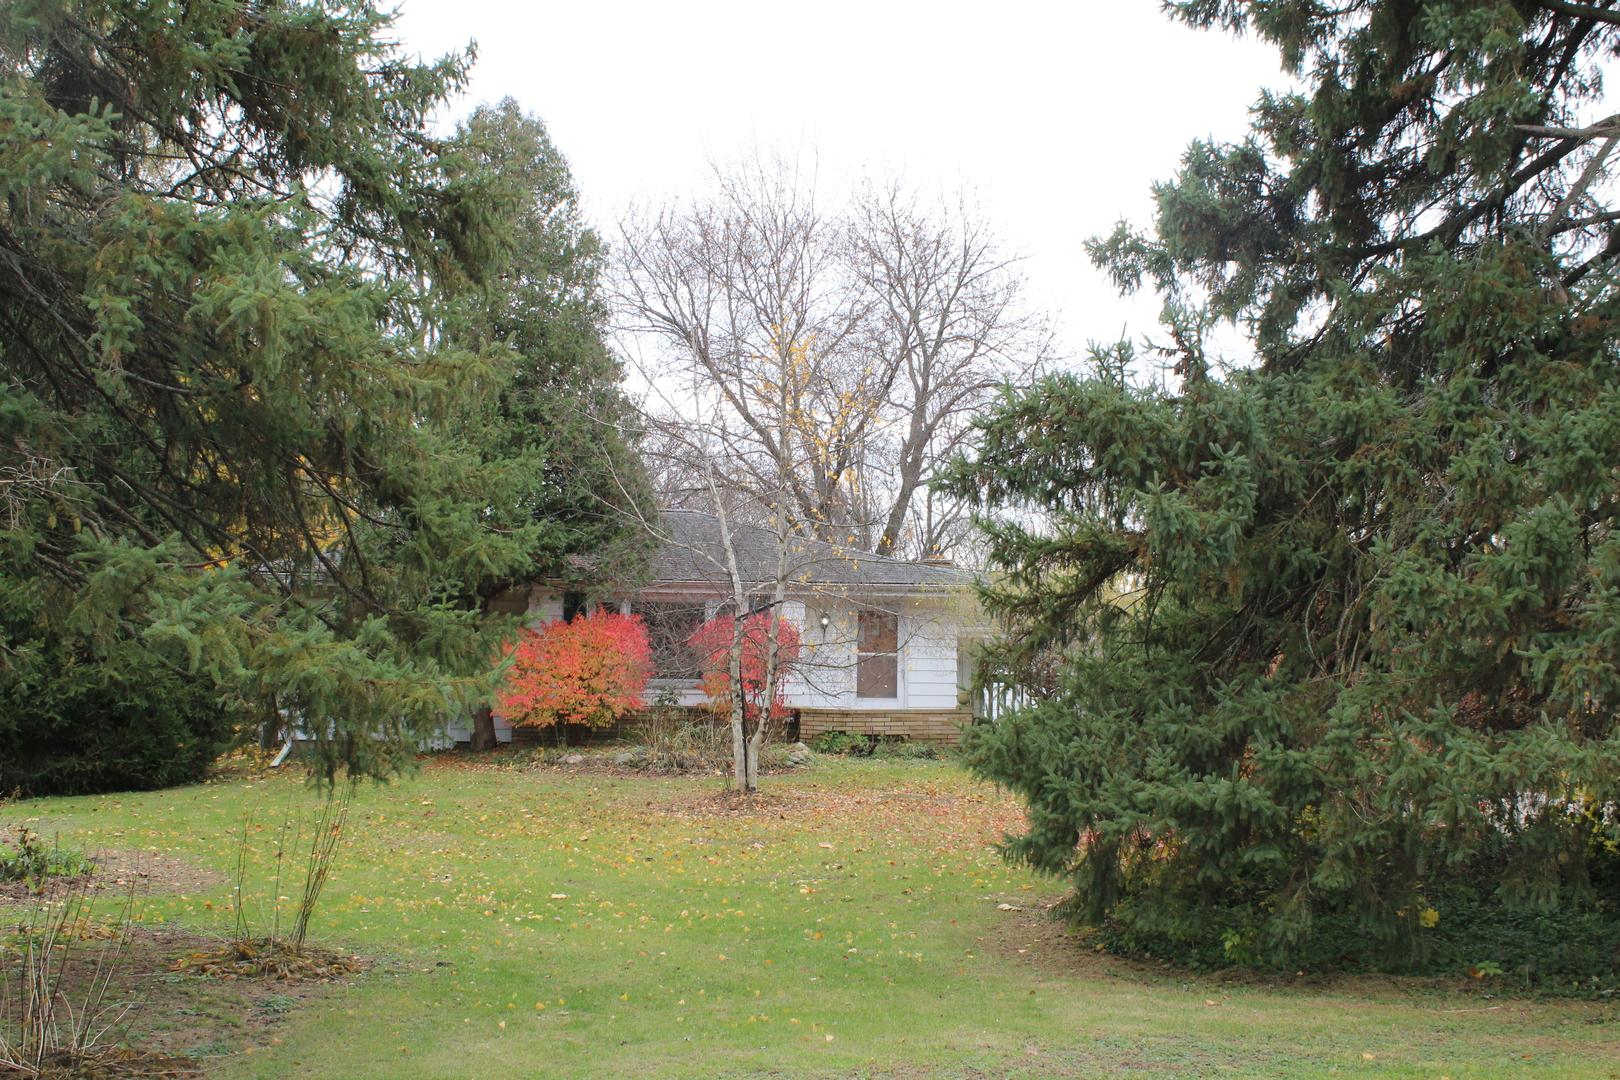 234 Brookhill Road, Libertyville, Illinois 60048